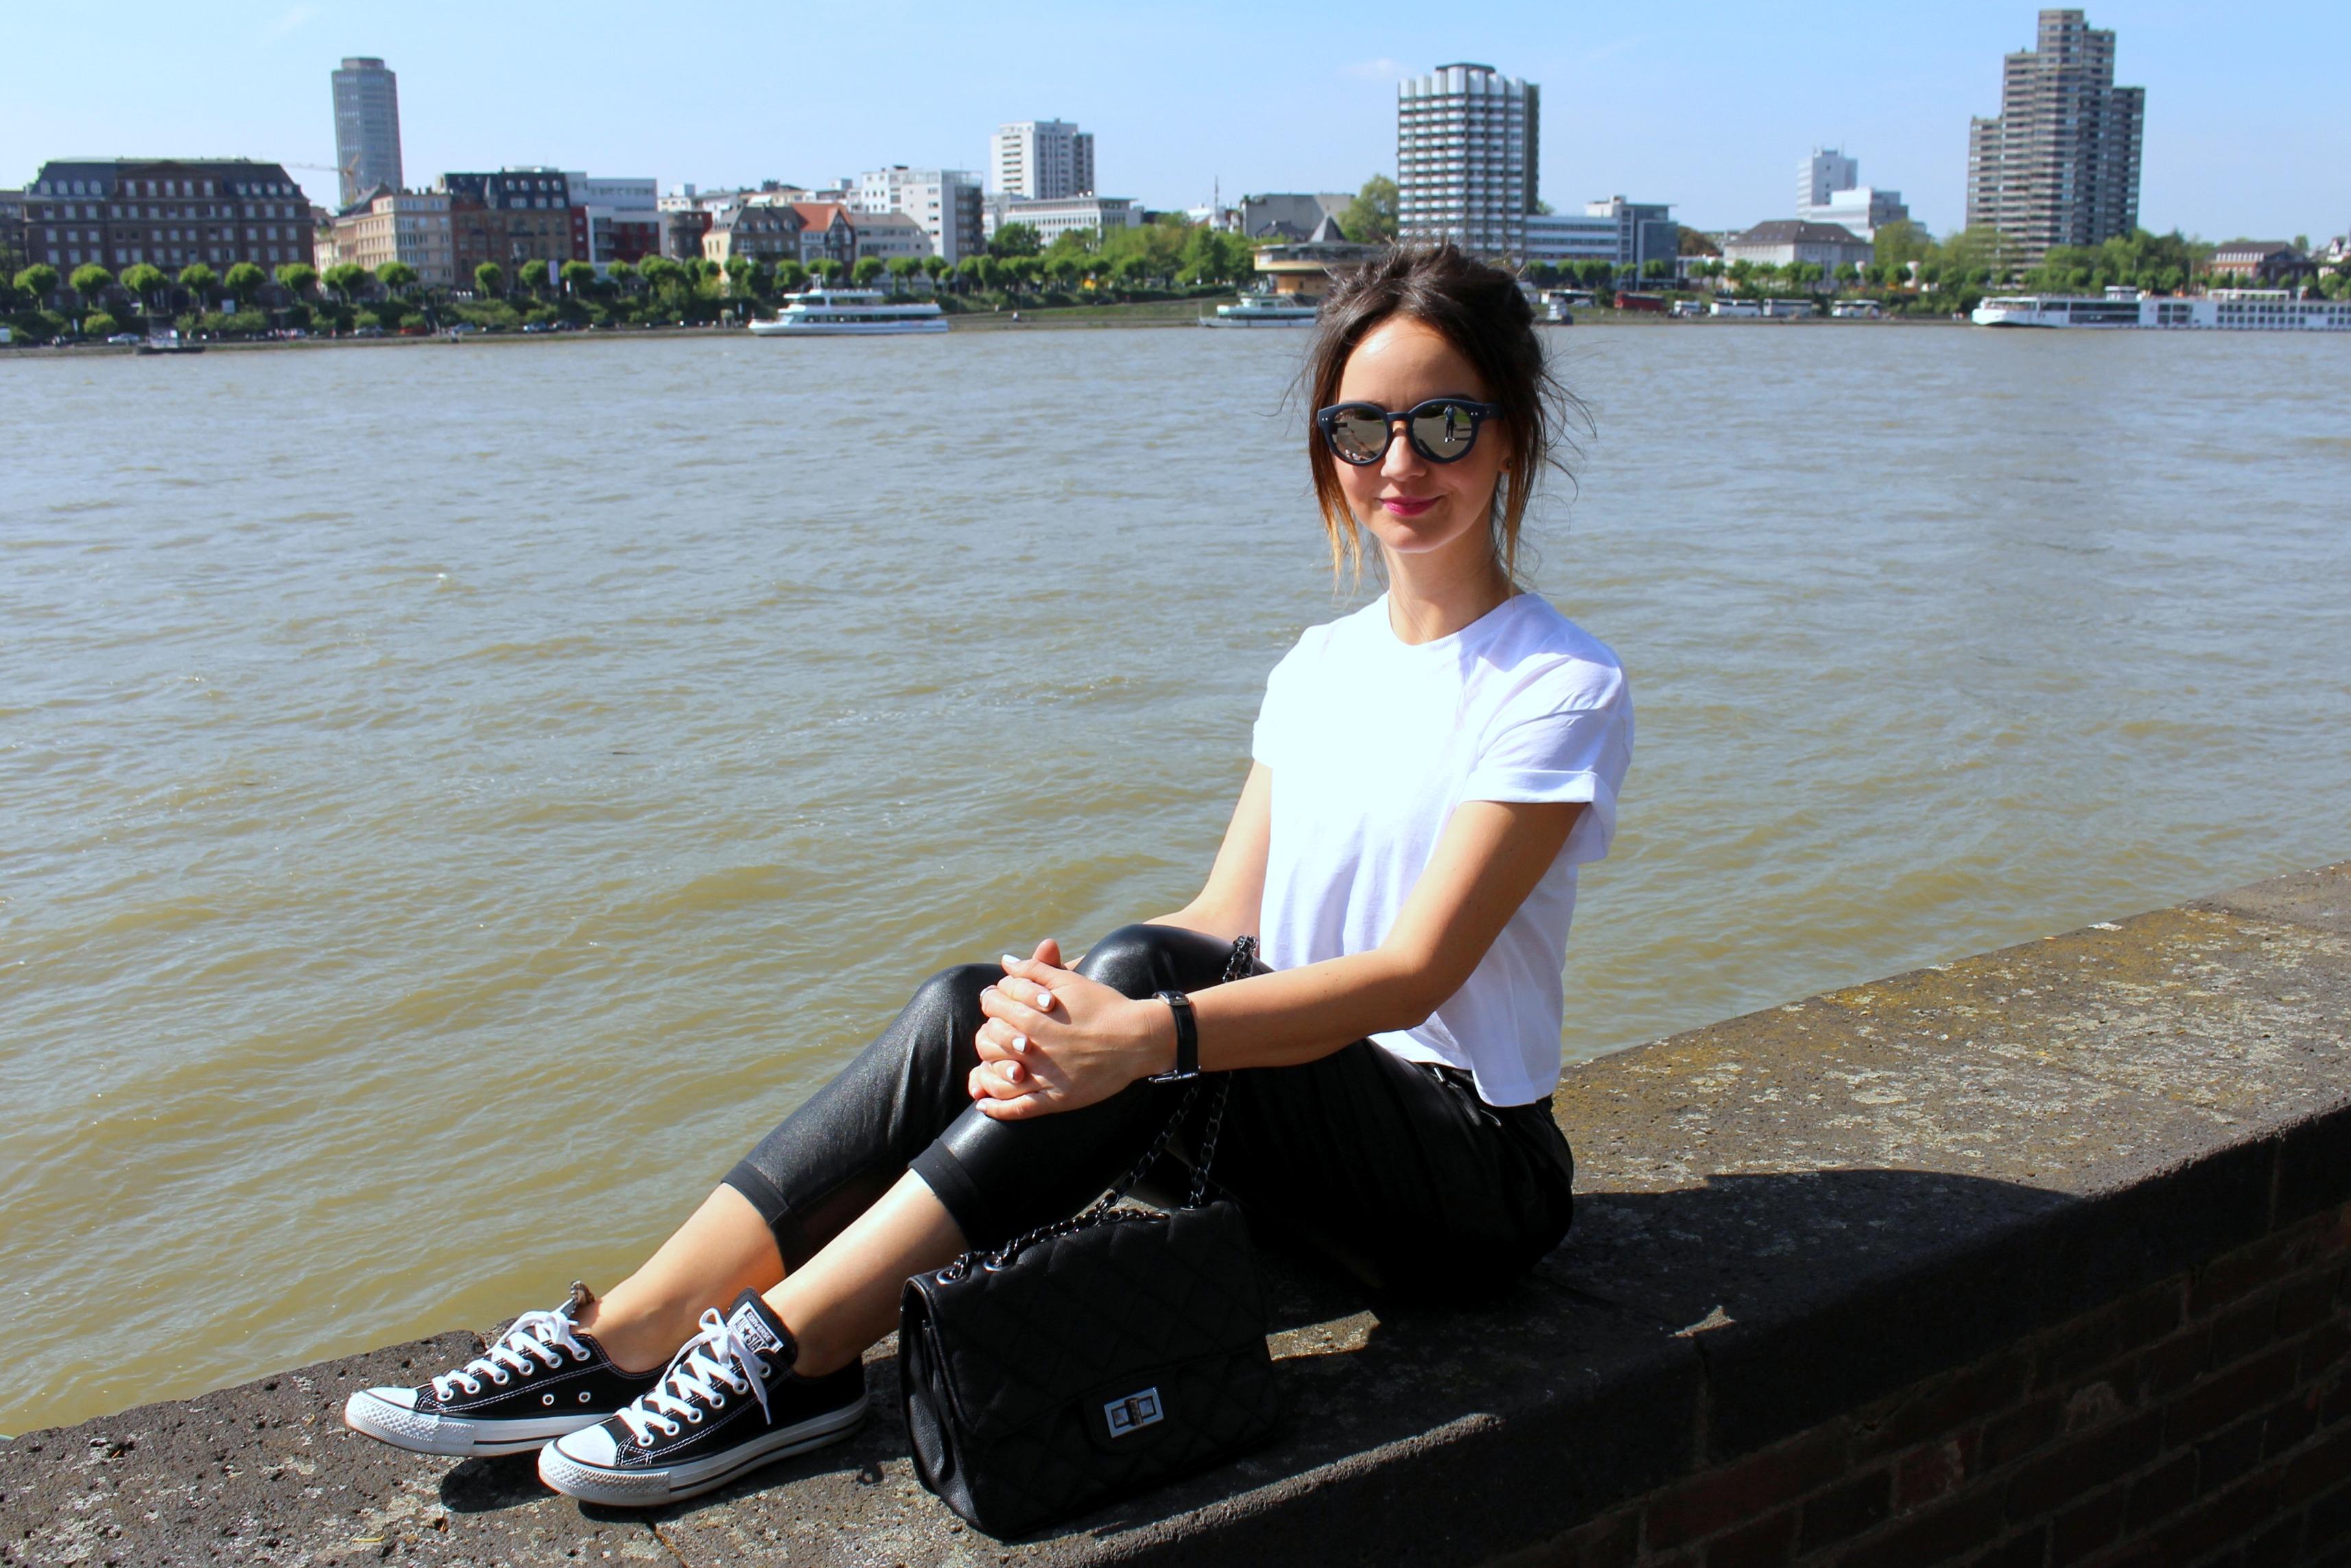 Fashioncircuz by Jenny img_6191k HOCHZEITSTAG, DER ZWEITE!